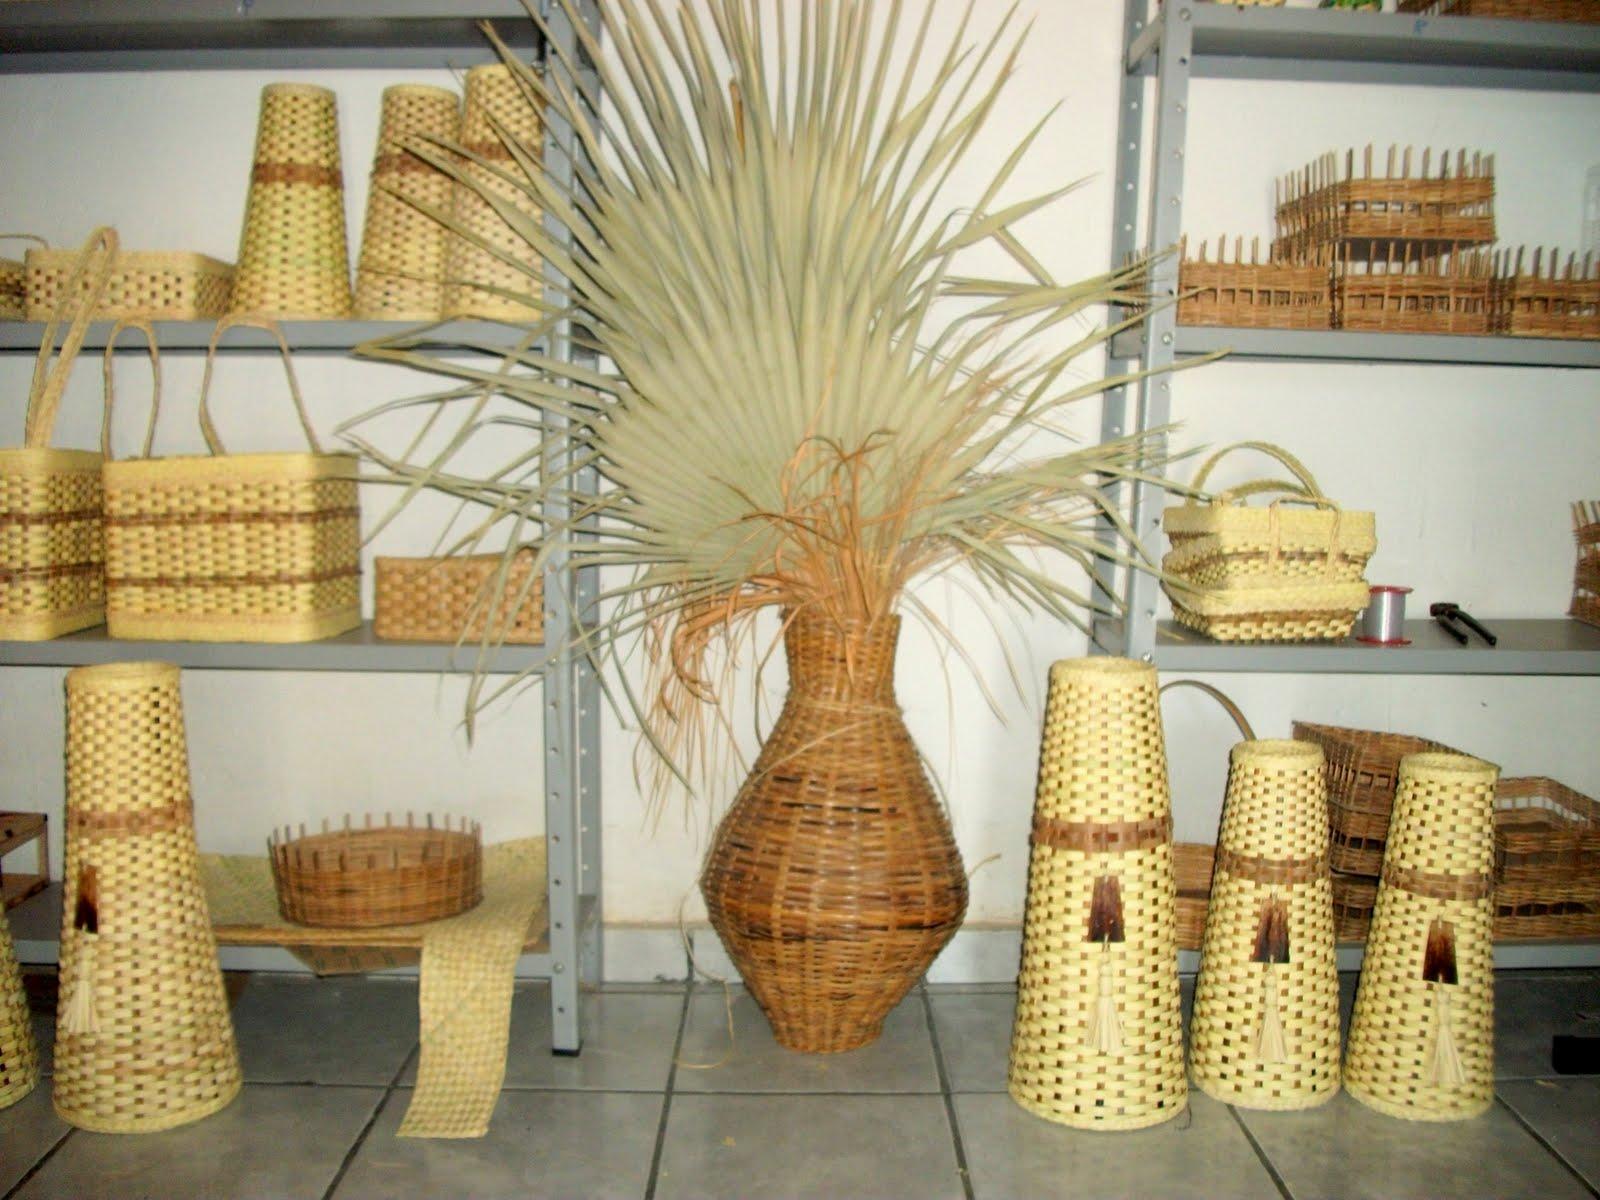 Artesanato De Palha Historia ~ Conheça o artesanato da palha da carnaúba feito no Piauí Arteblog